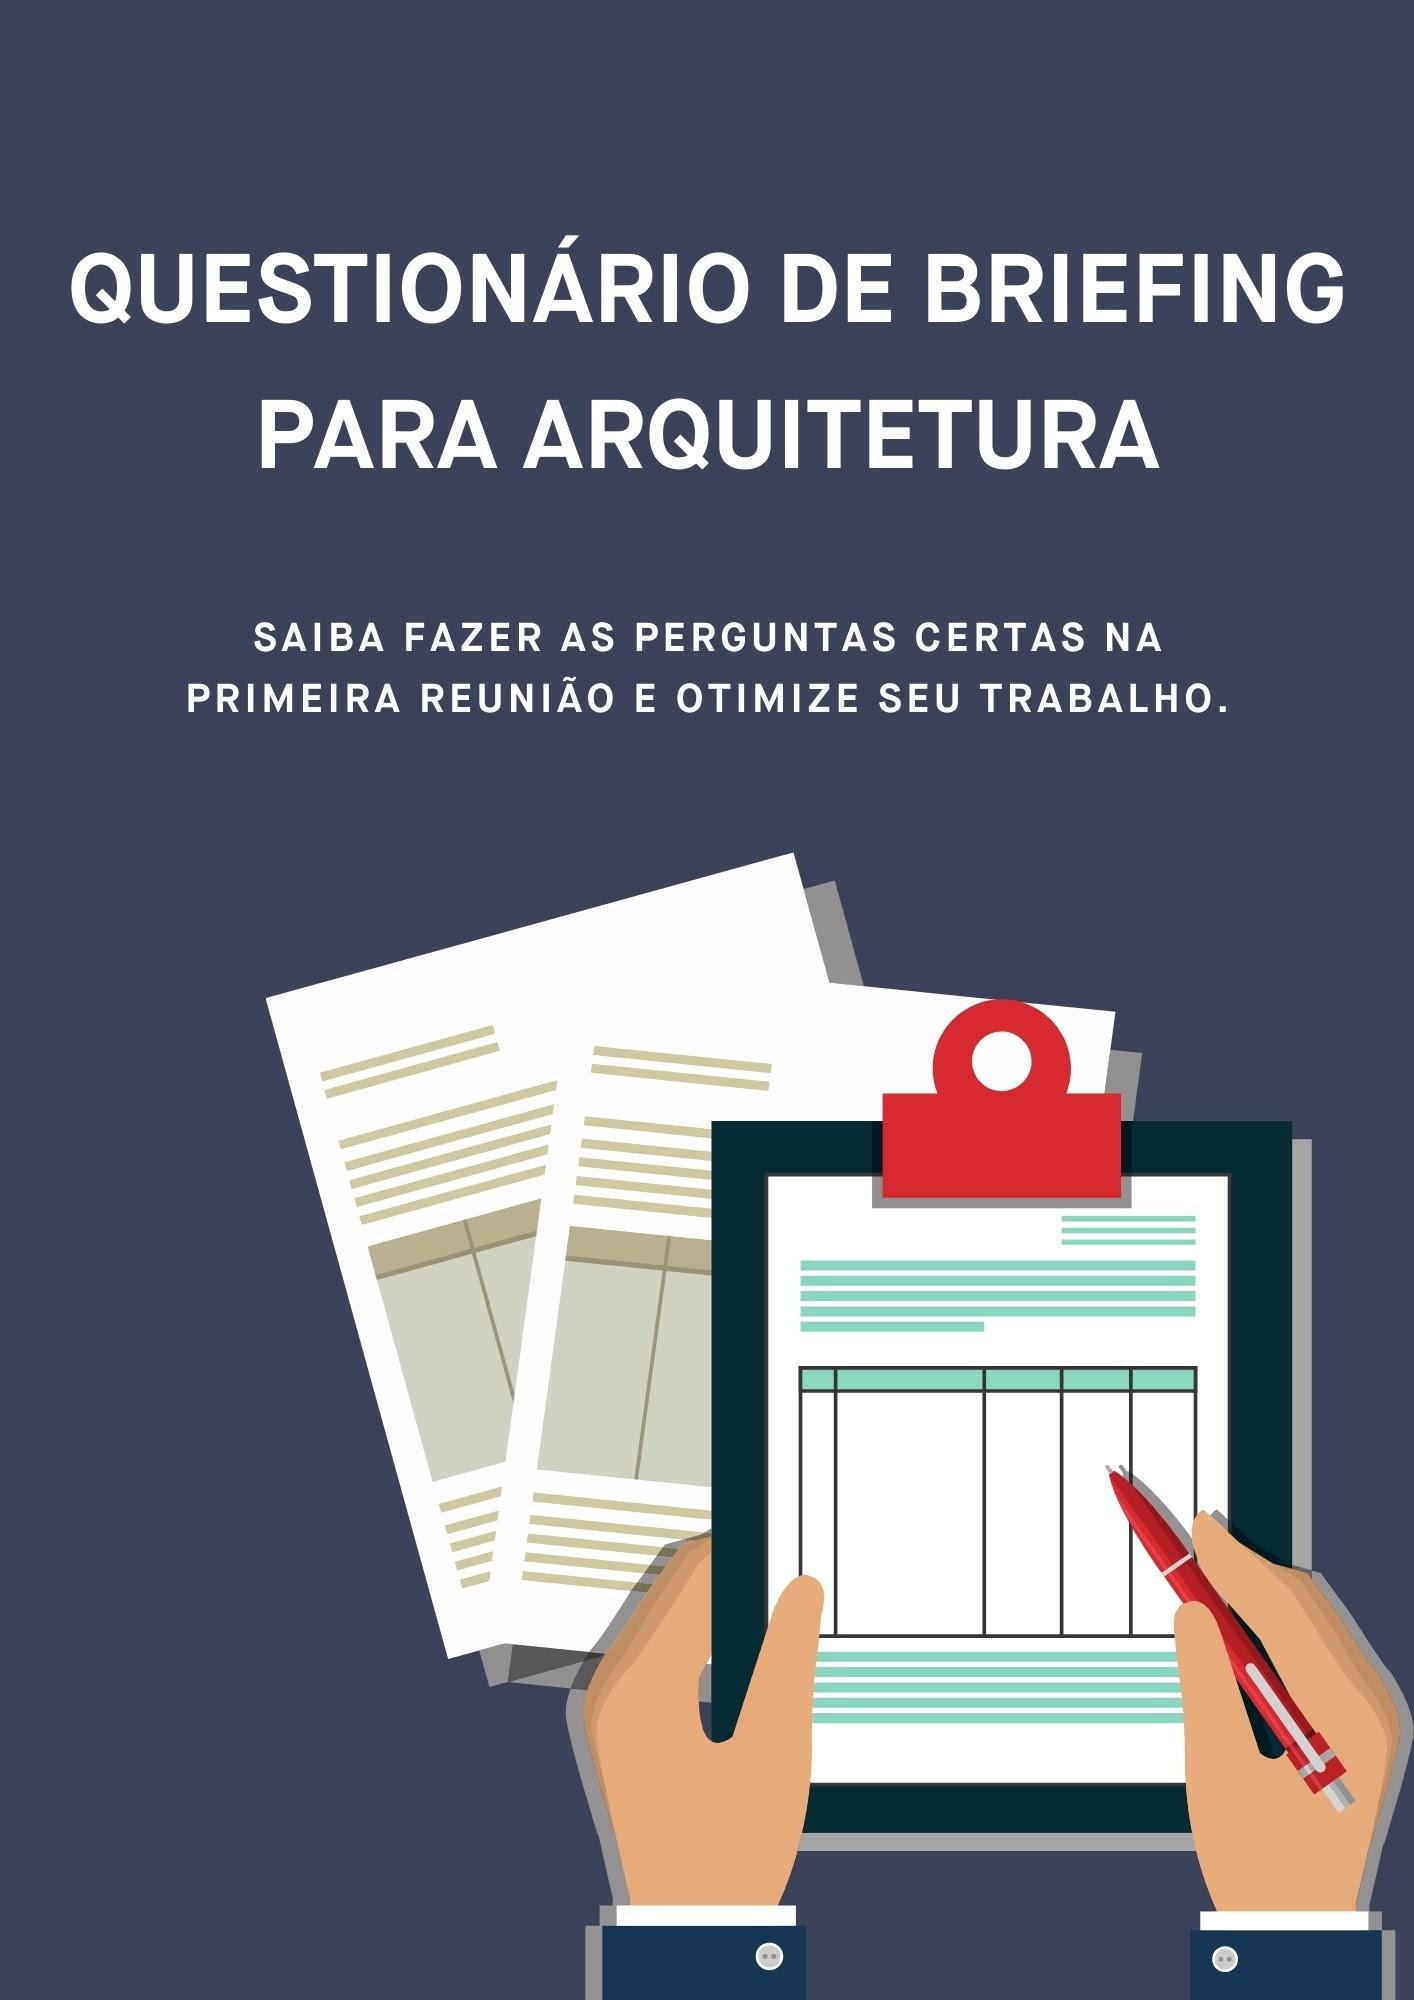 Questionário de Briefing de arquitetura